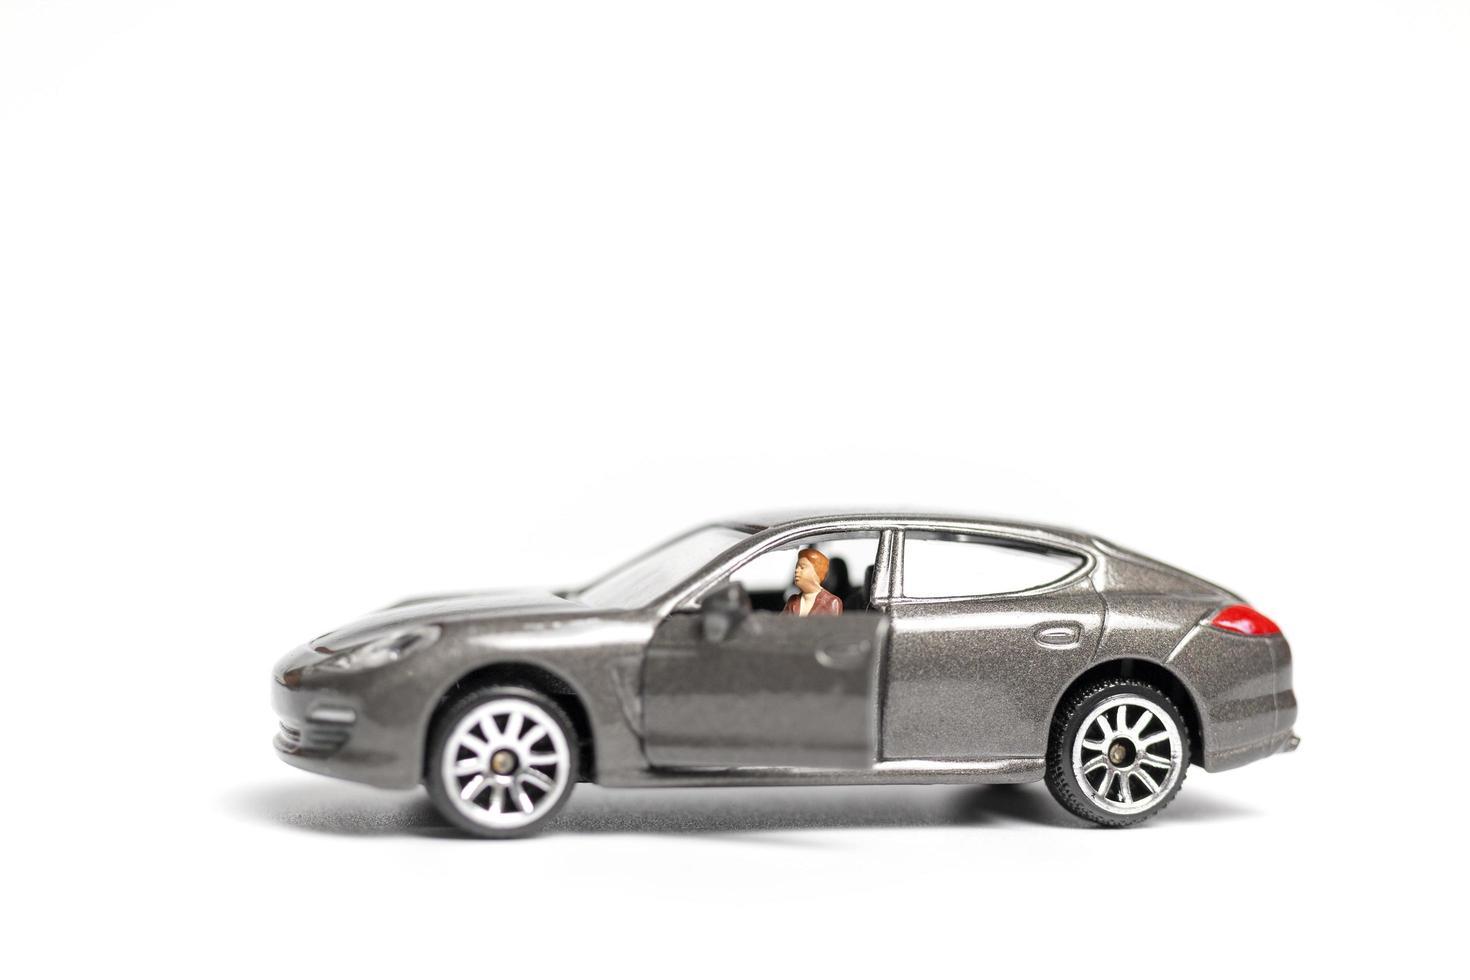 Gente en miniatura sentada en un coche sobre un fondo blanco. foto